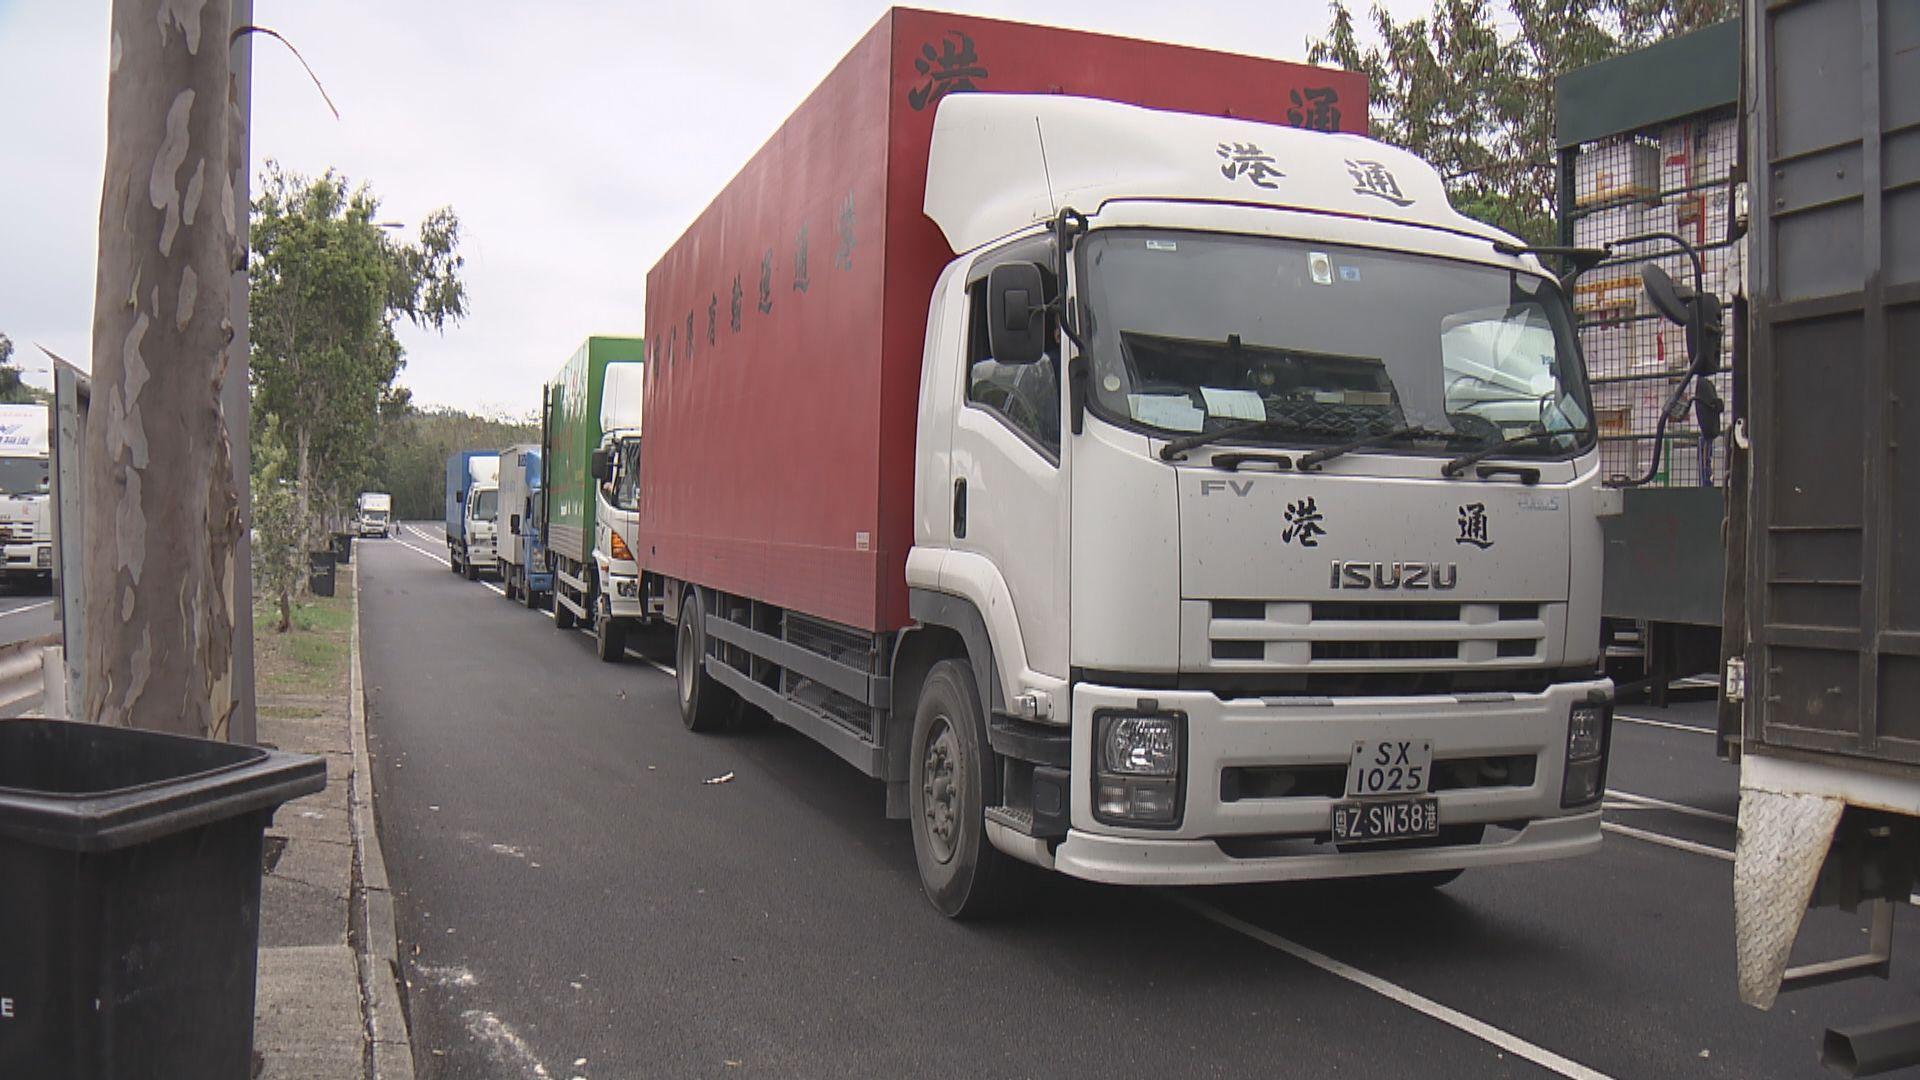 跨境貨車司機每日入境須檢測 業界指不排除深圳會再收緊要求